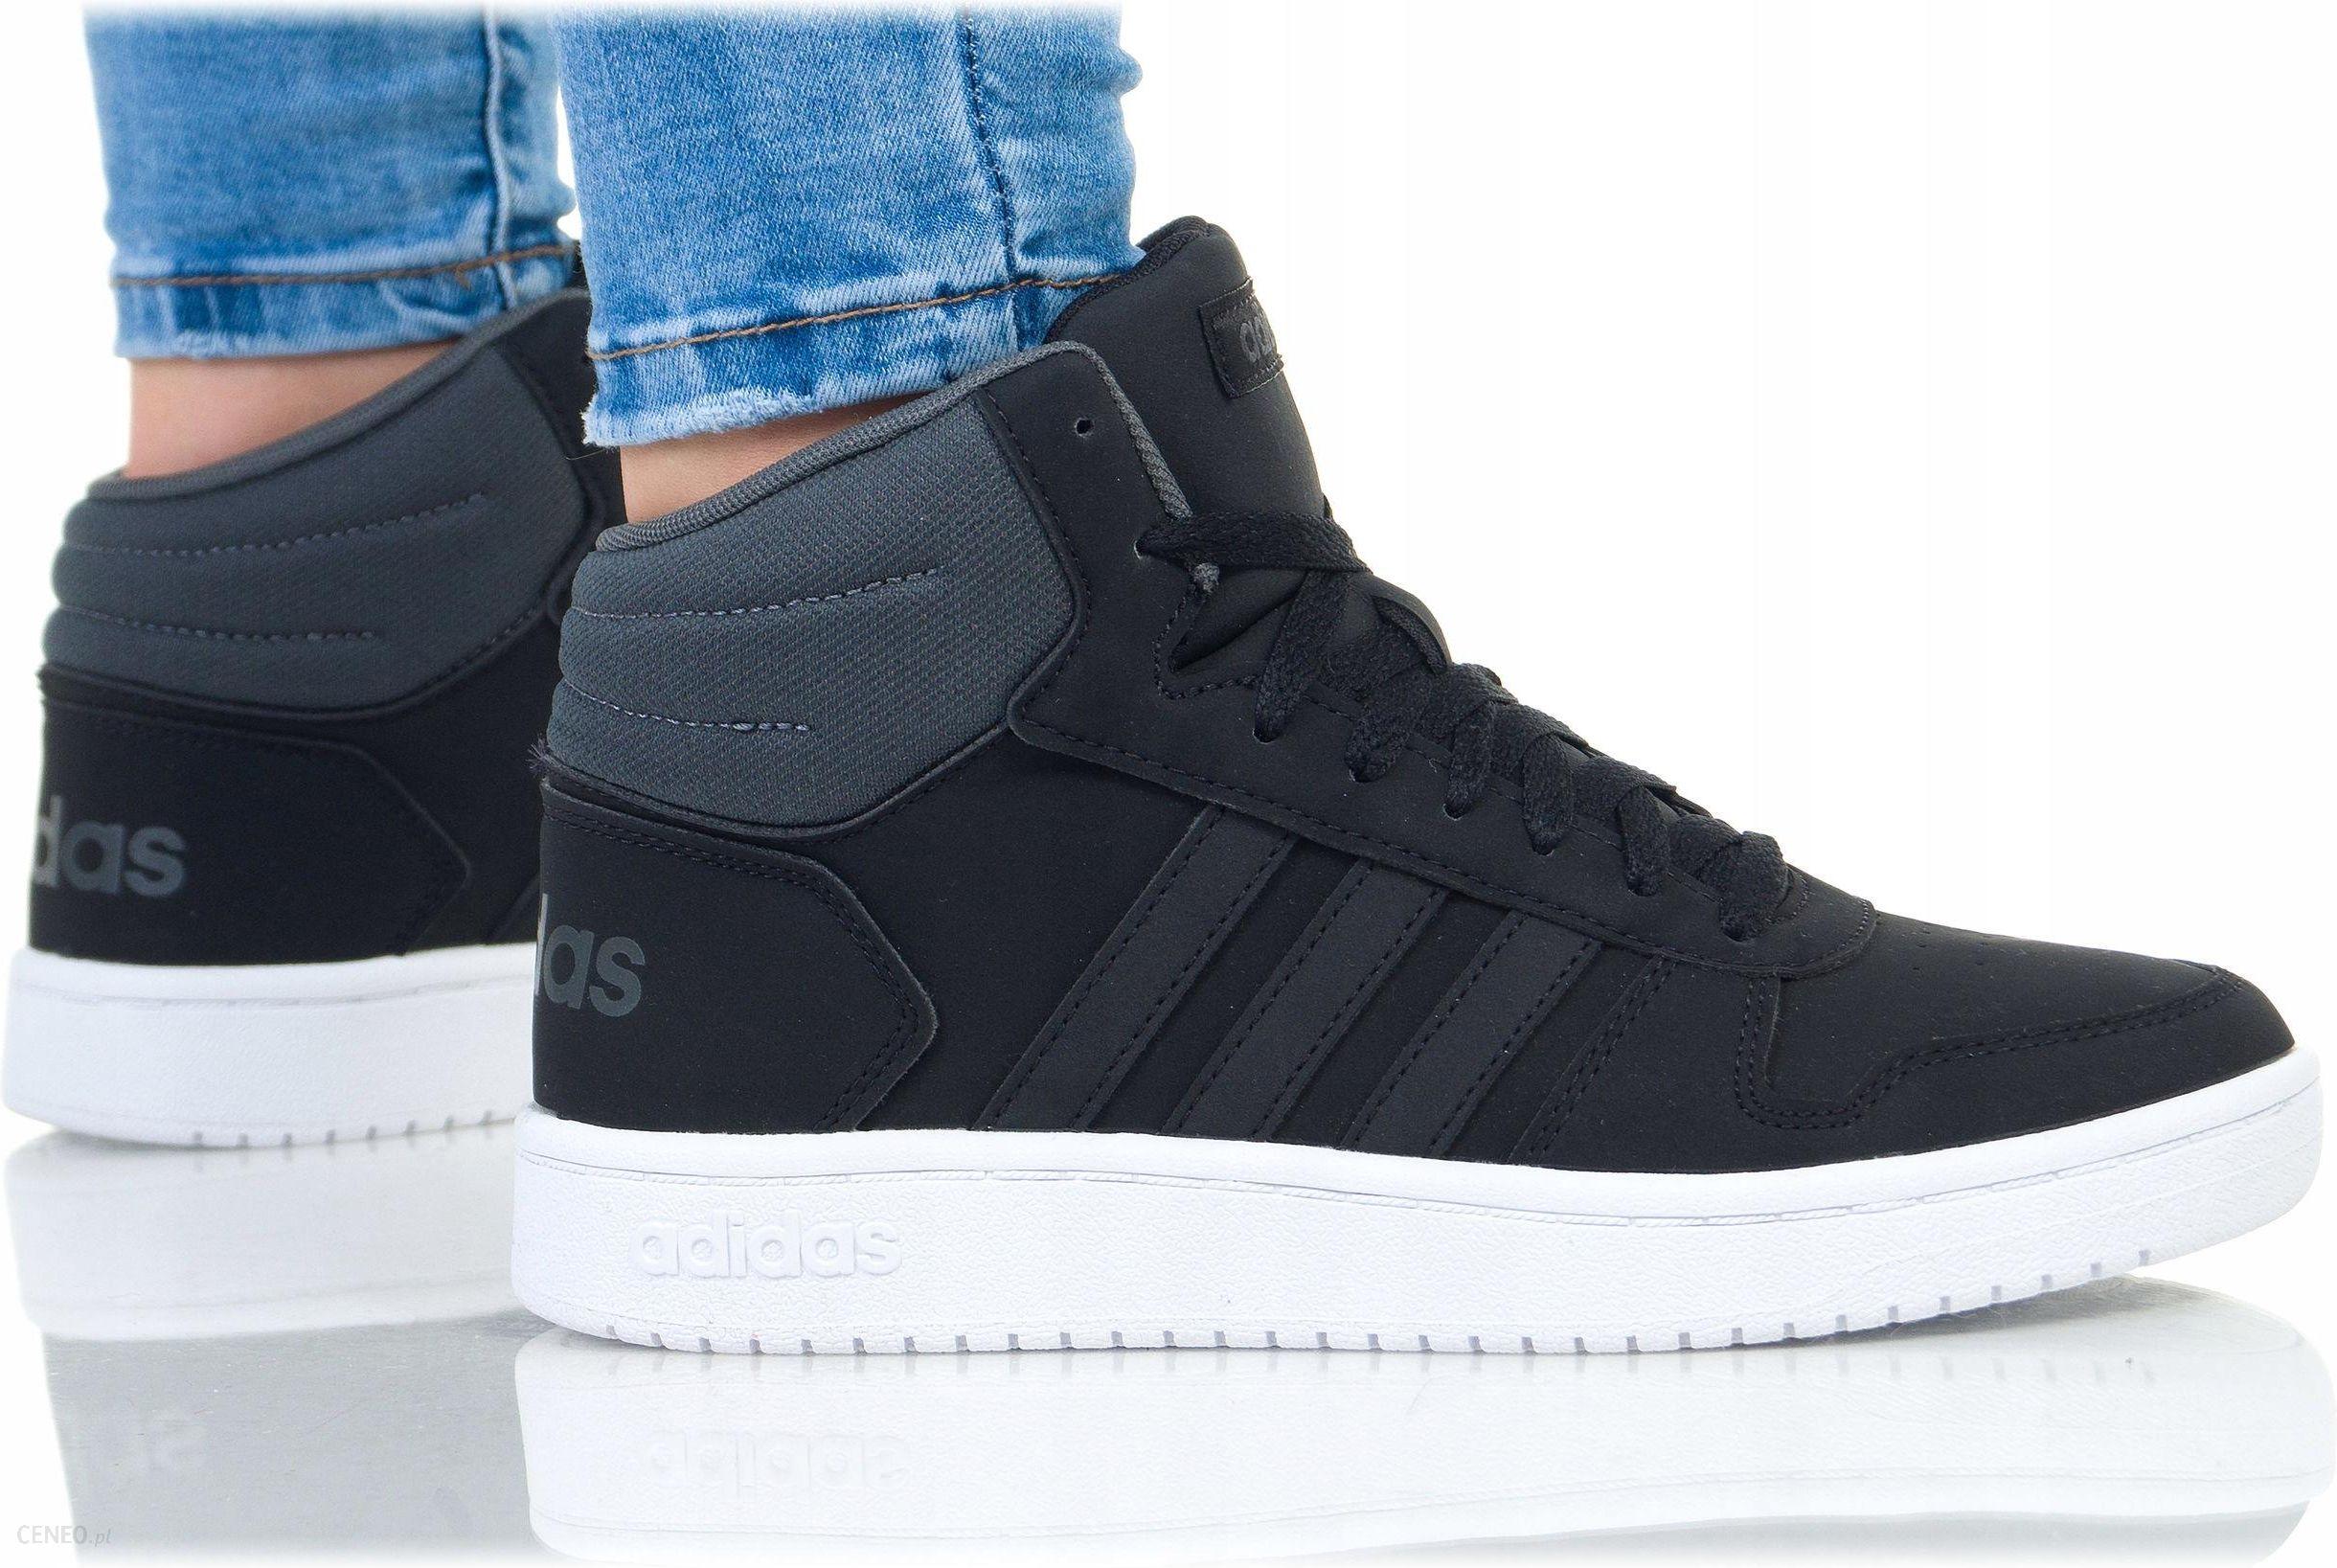 Buty Adidas Hoops Mid 2.0 czarne